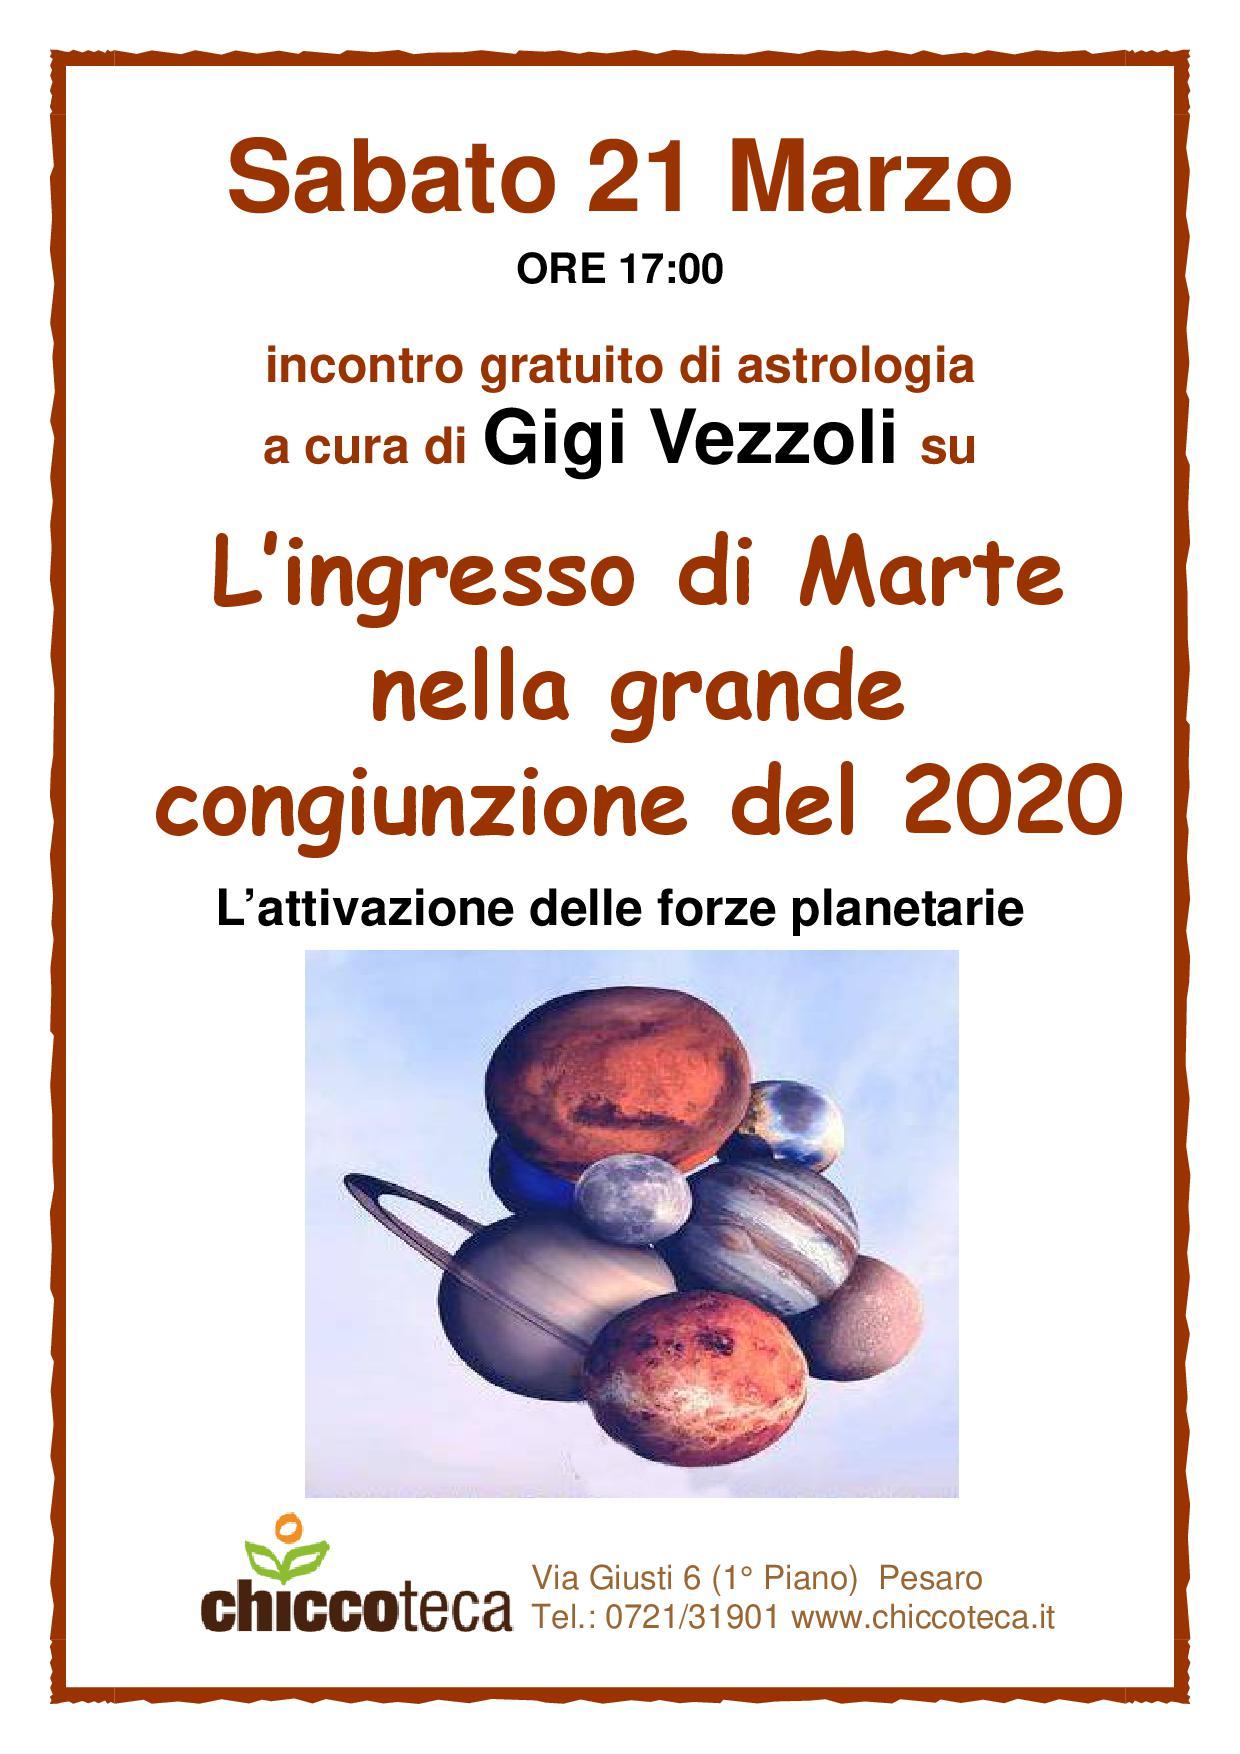 incontro gratuito di astrologia a cura di Gigi Vezzoli